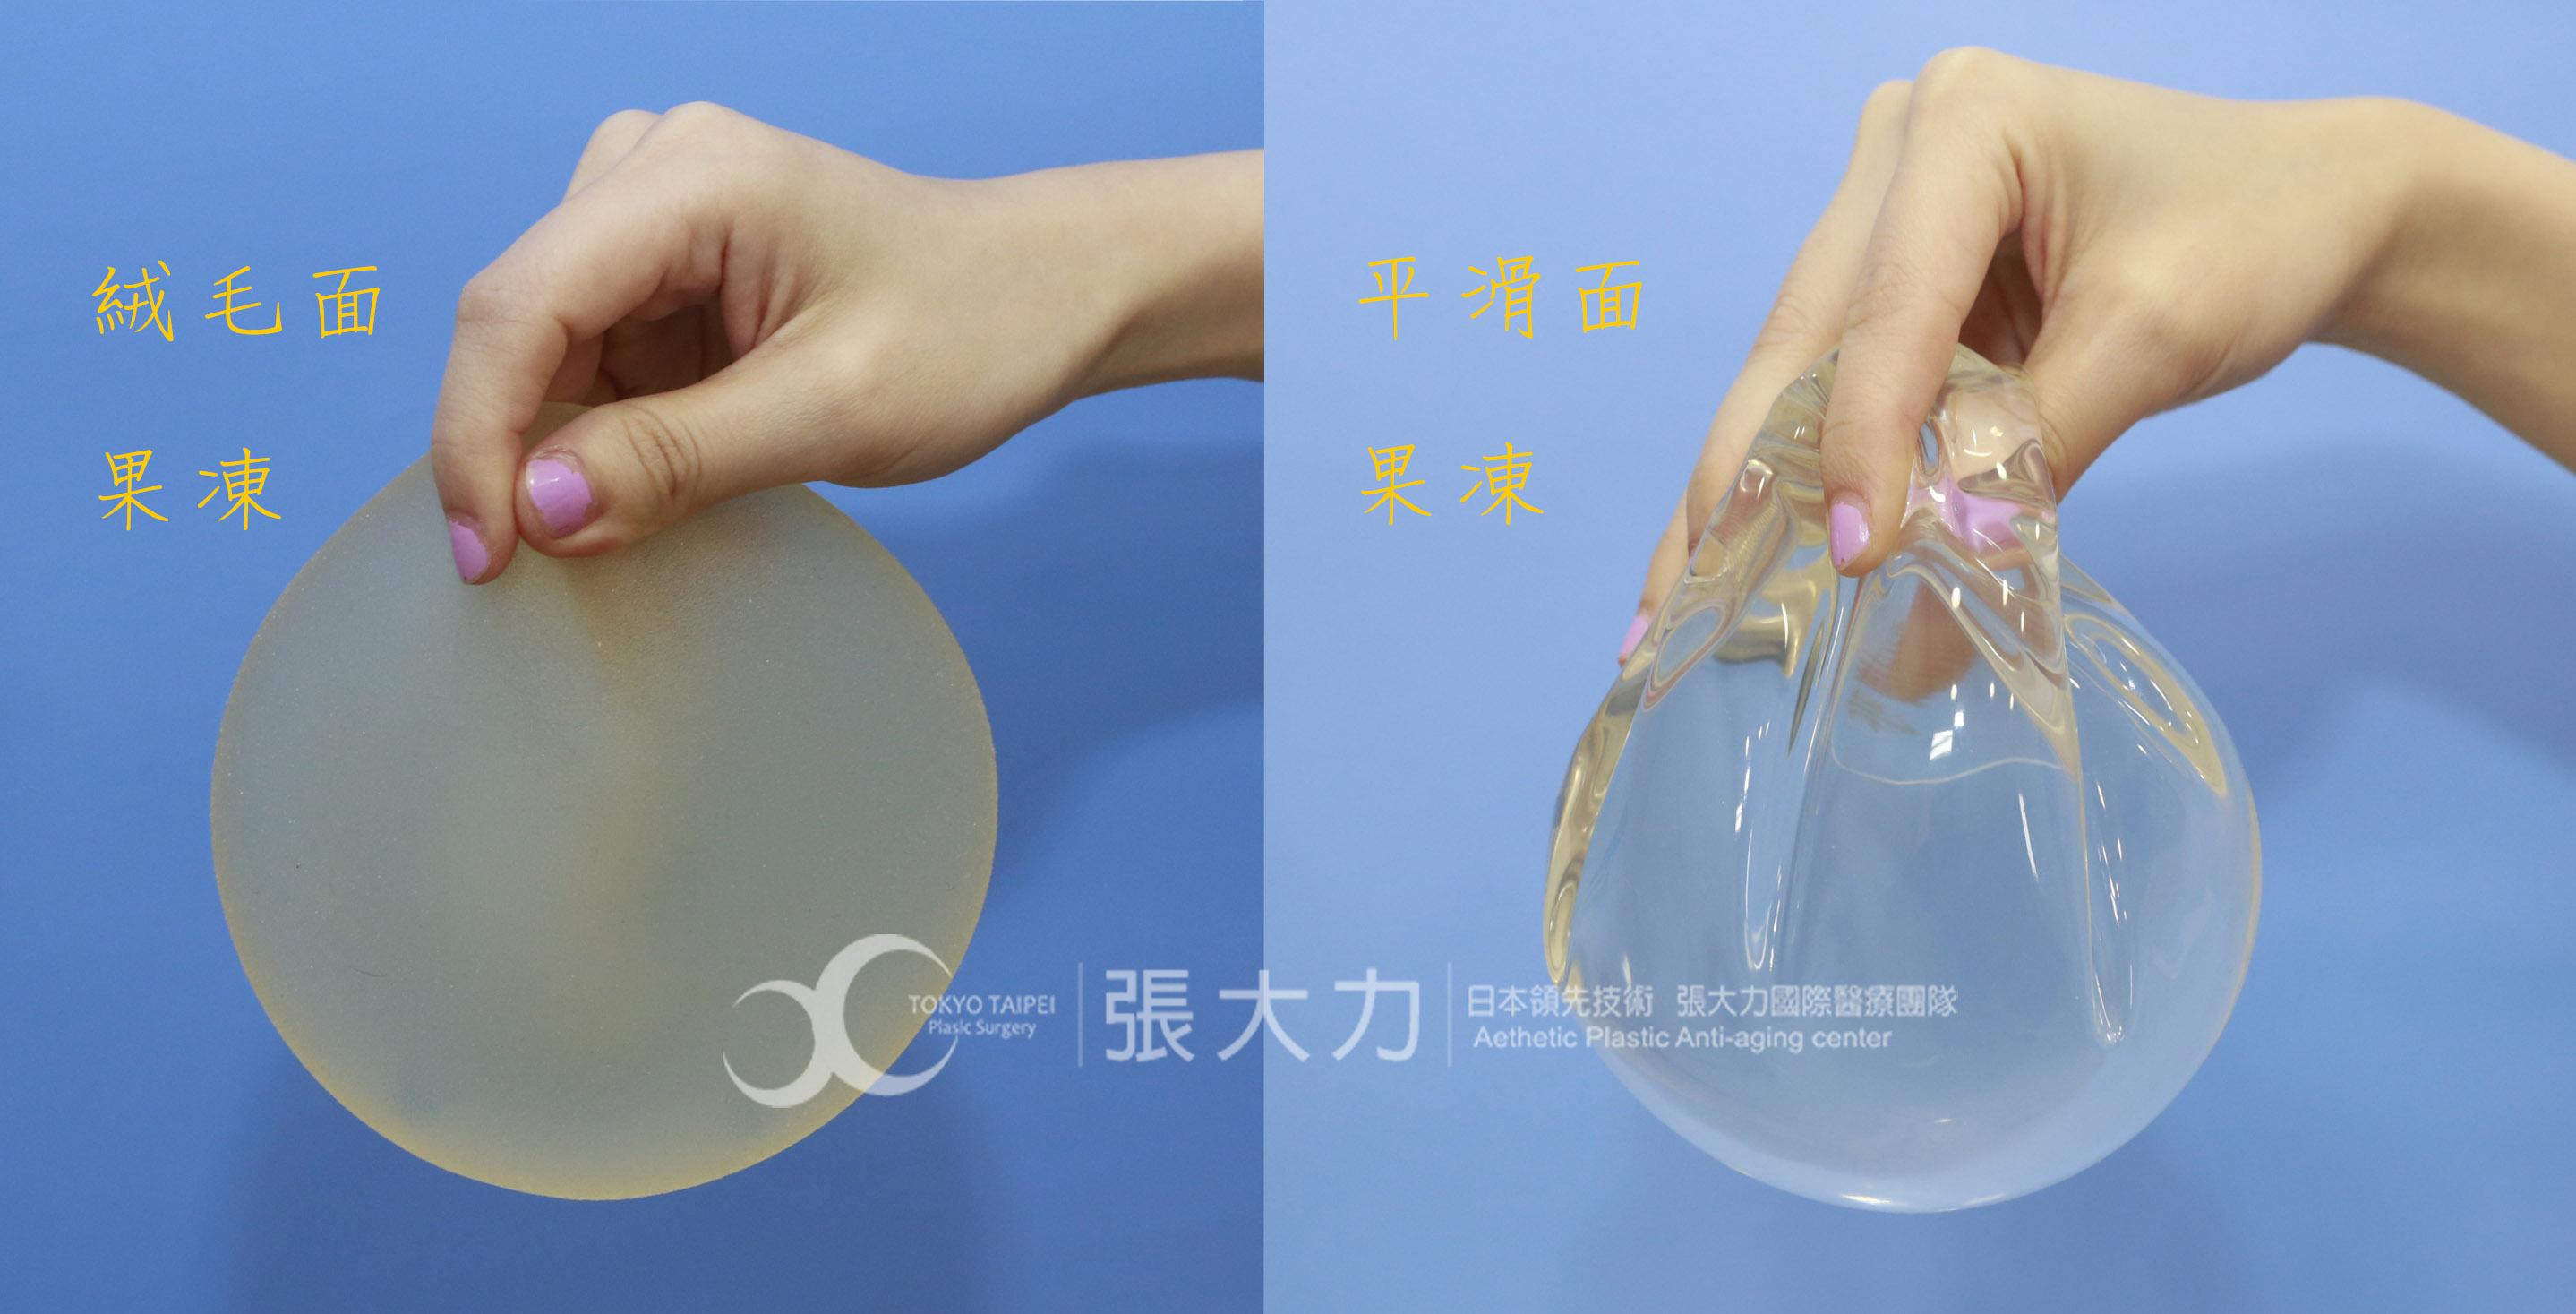 隆乳,果凍矽膠,水滴型,果凍矽膠隆乳,水滴型隆乳-東京風采整形